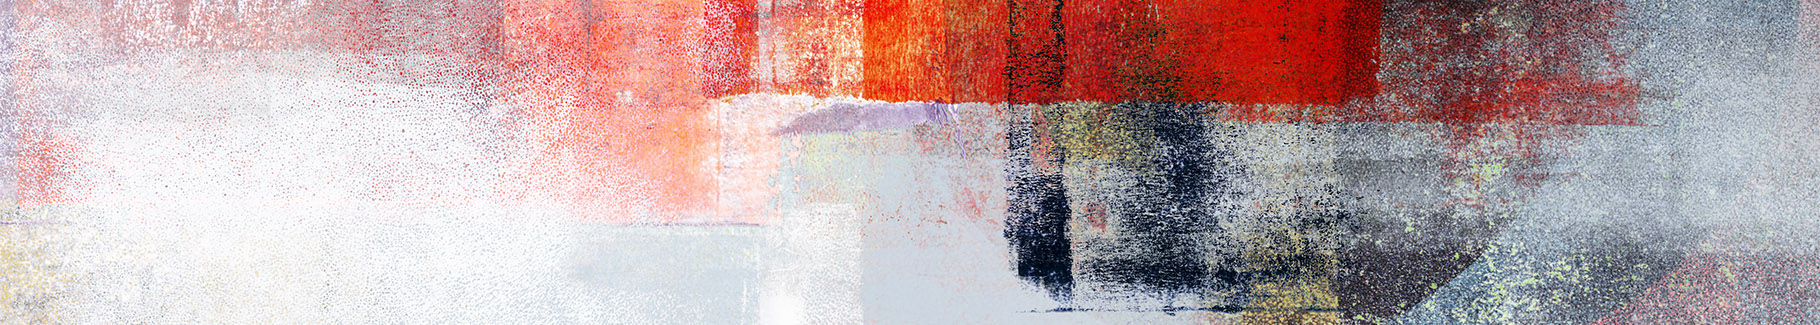 Obraz kalejdoskop kolorów